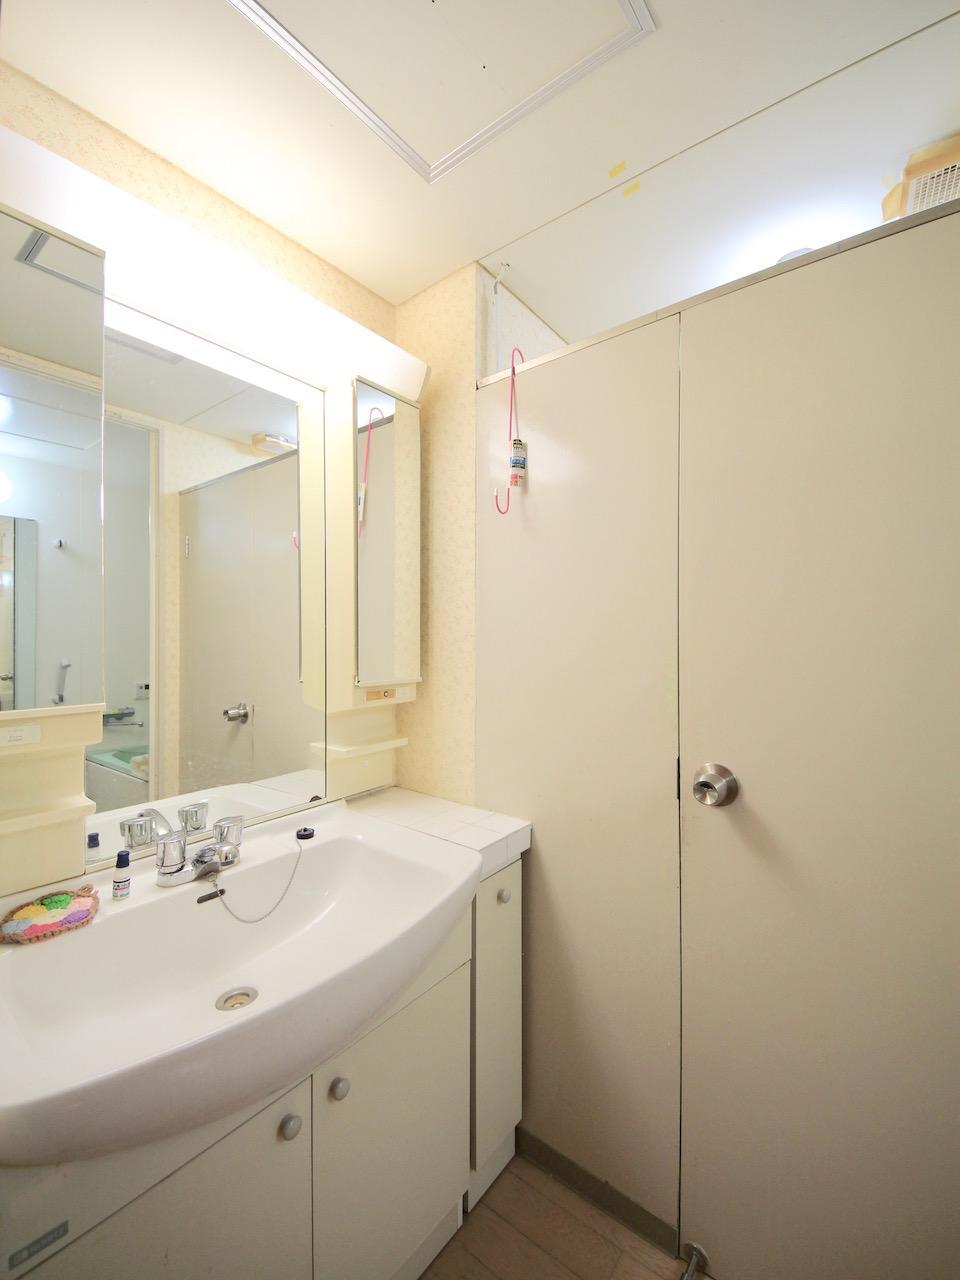 洗面 昔ながらのトイレ扉が可愛い